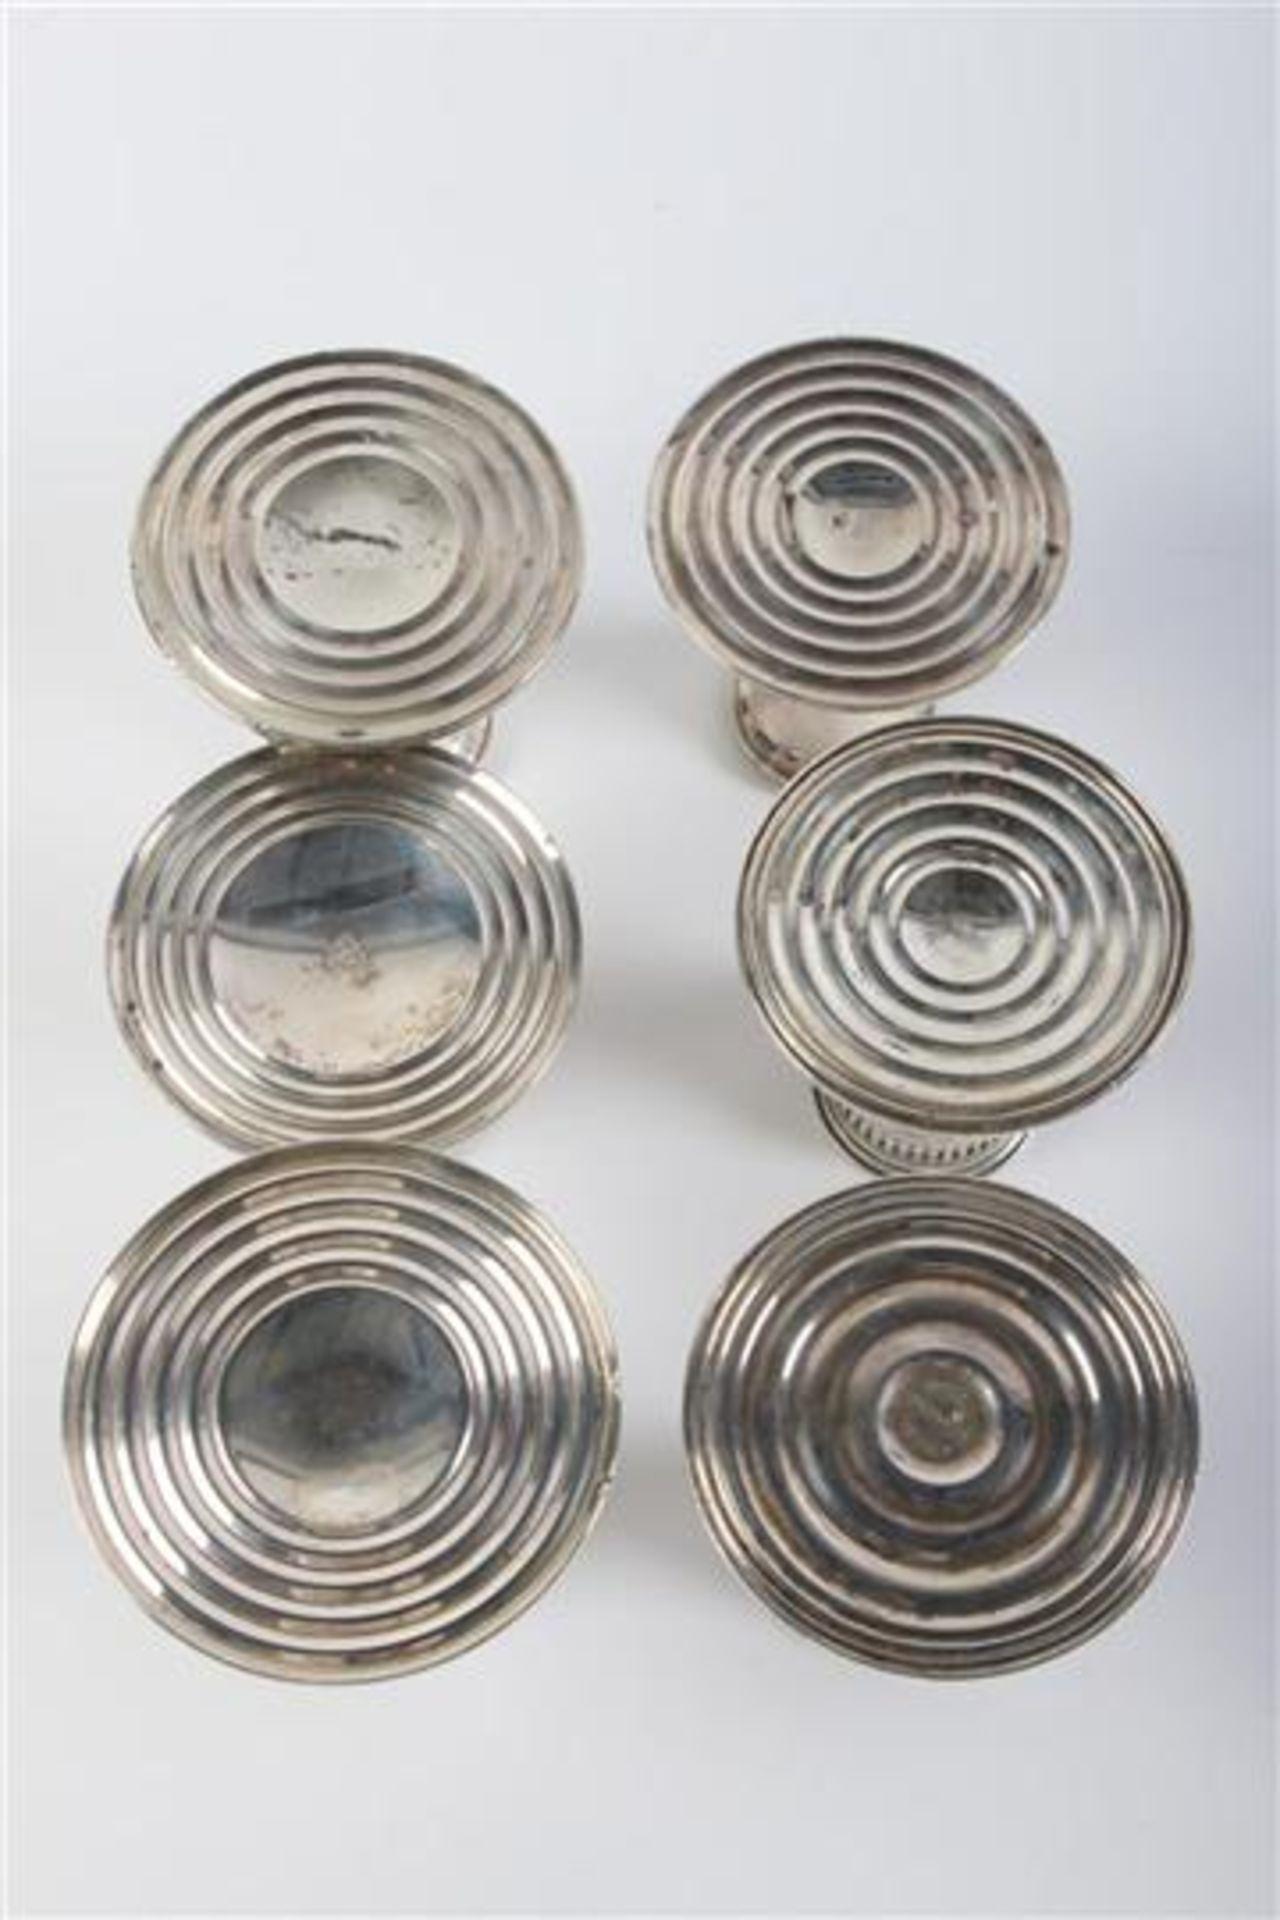 Zeven zilveren kandelaars, Engeland, 20e eeuw. H: 7 - 9 cm. - Bild 2 aus 4